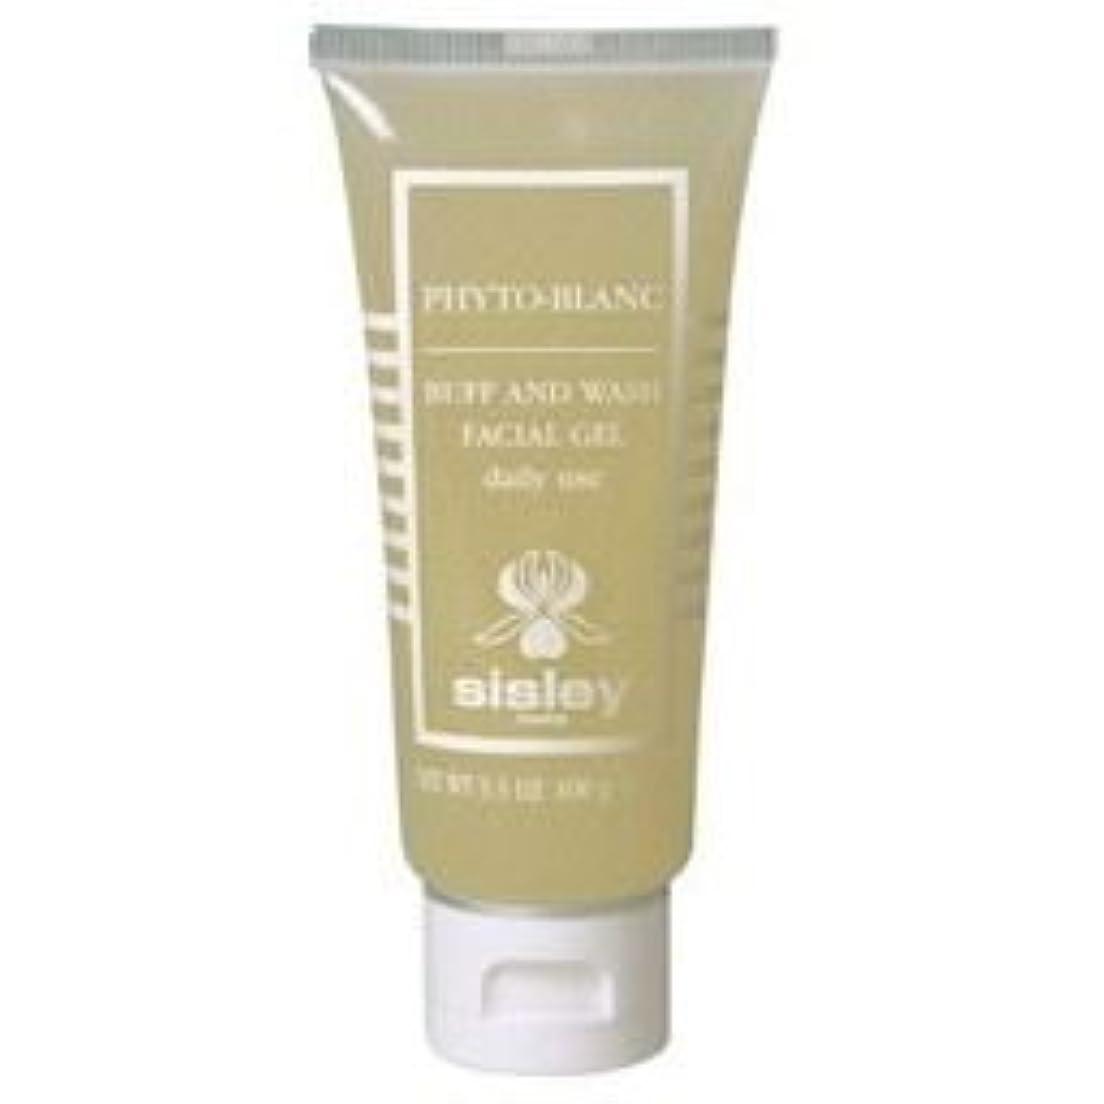 休暇迫害言及する[Sisley] シスレーフィトブランバフ&ウォッシュ100ミリリットル - Sisley Phyto-Blanc Buff & Wash 100ml [並行輸入品]